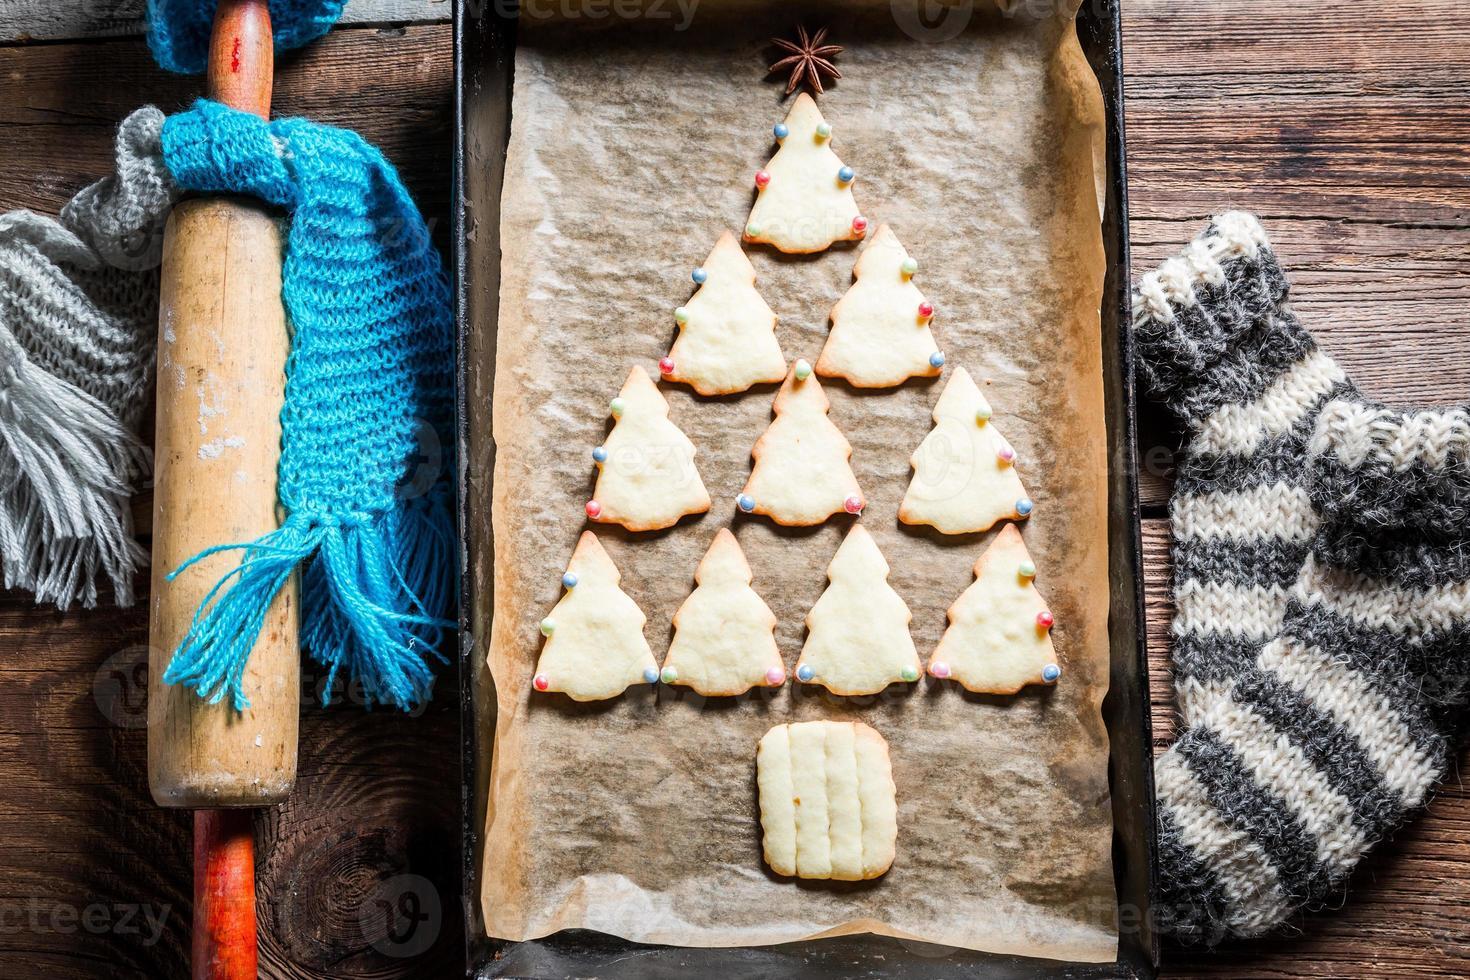 arbre de Noël doux arrangé avec des biscuits de pain d'épice photo